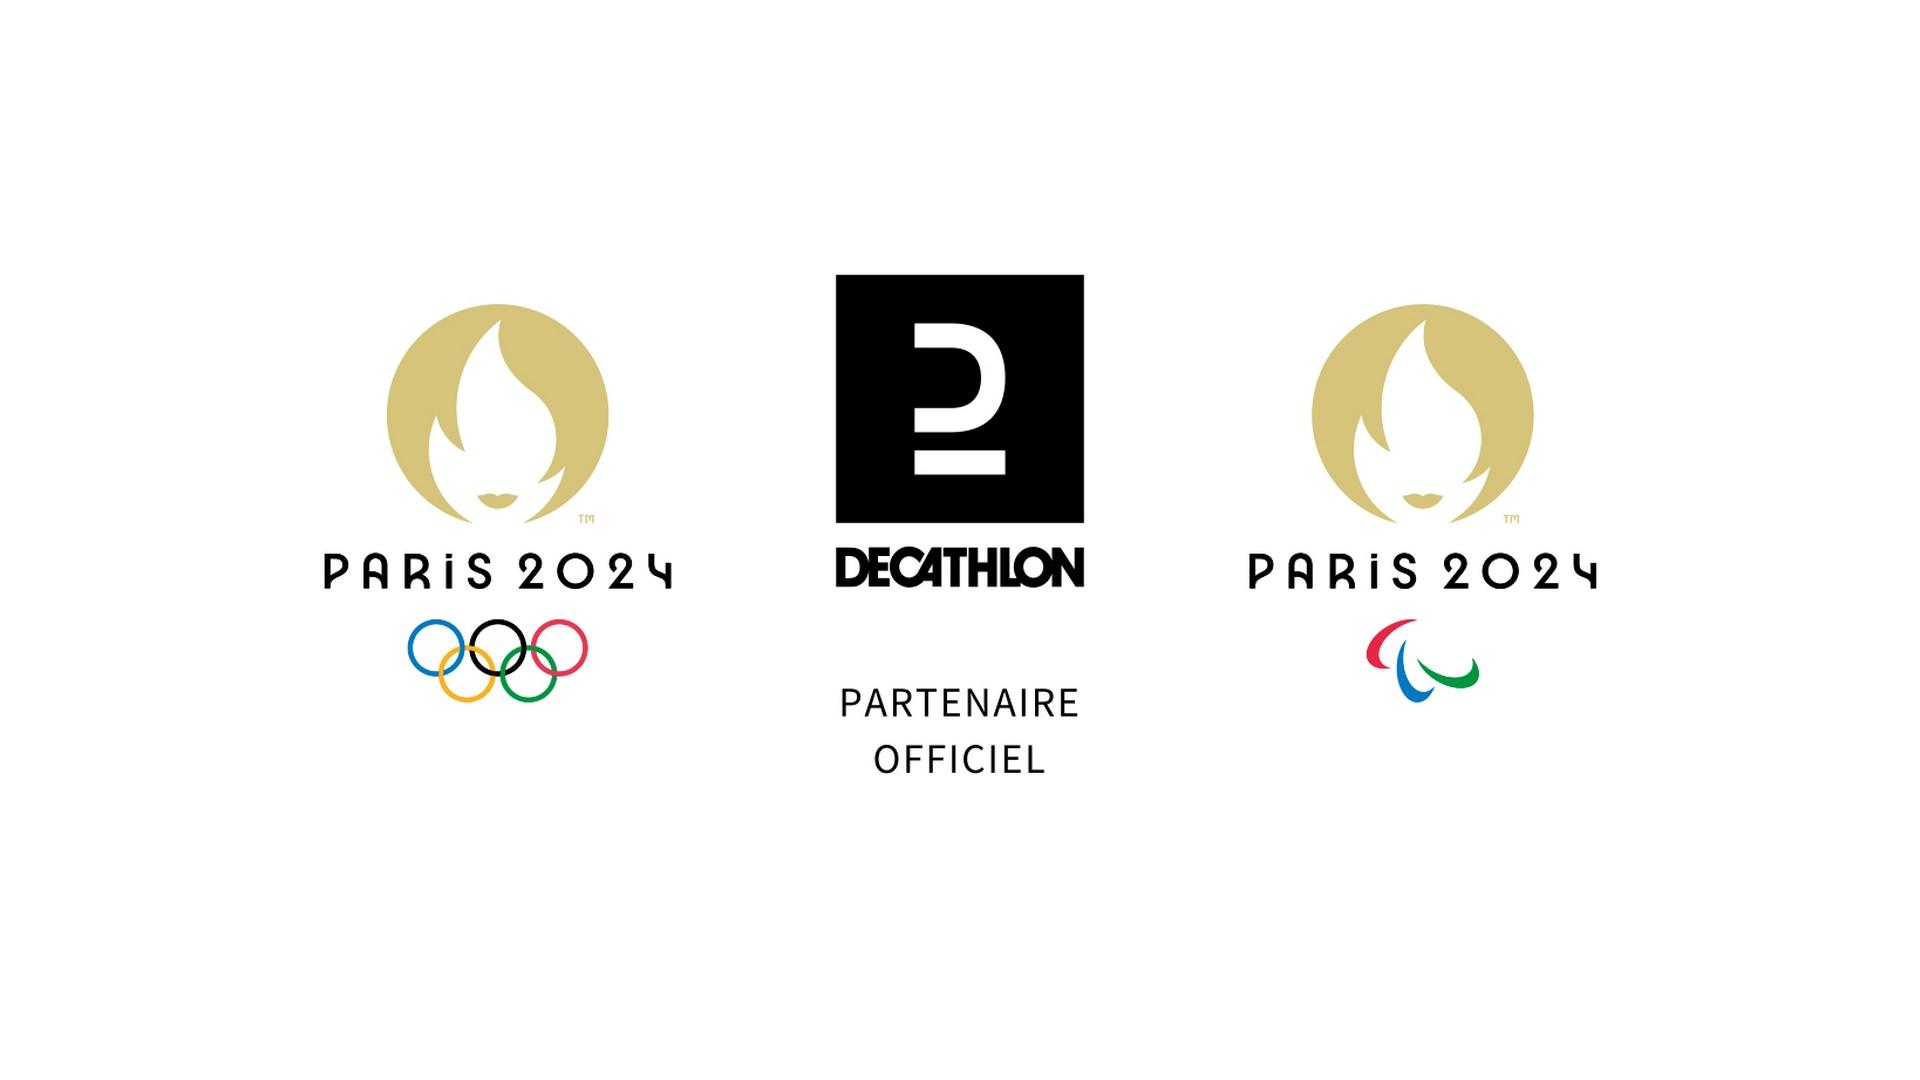 Decathlon x Paris 2024 (Jeux olympiques) 2021